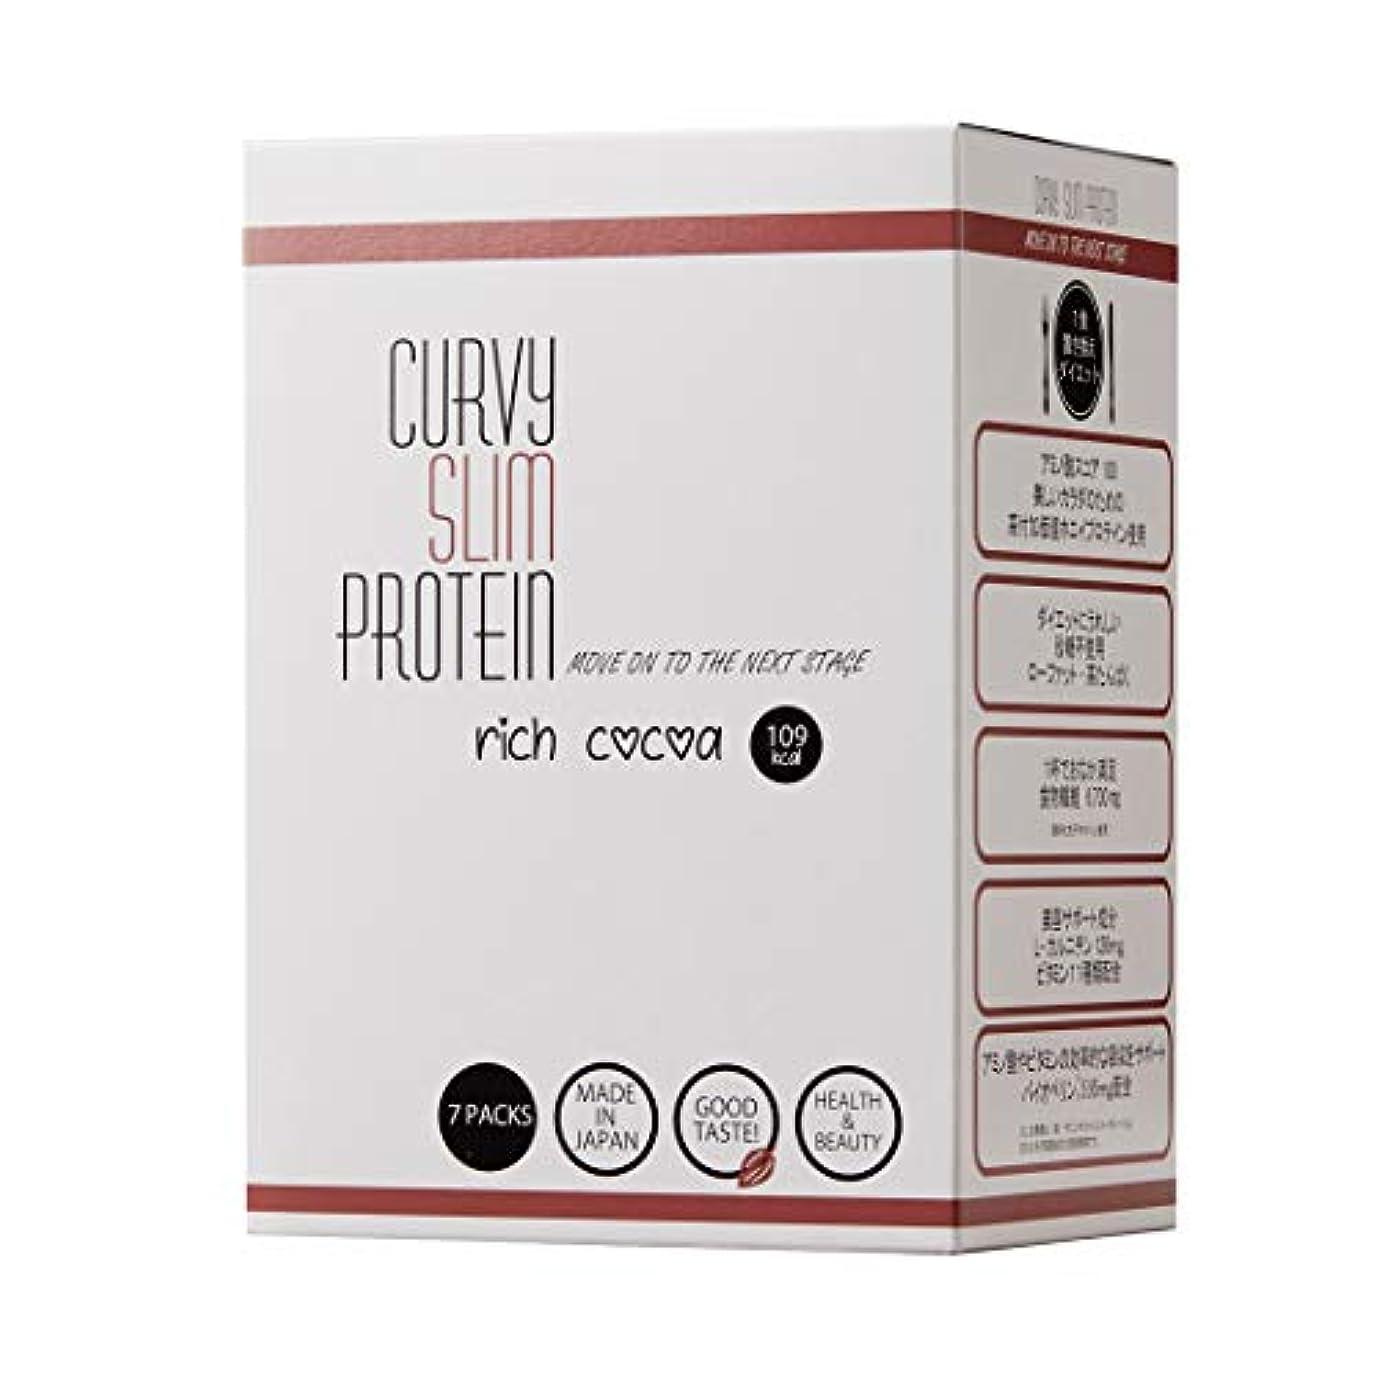 ラッシュラベンダー少年カーヴィースリム® プロテイン リッチココア 置き換え ダイエット 7包(7食分)